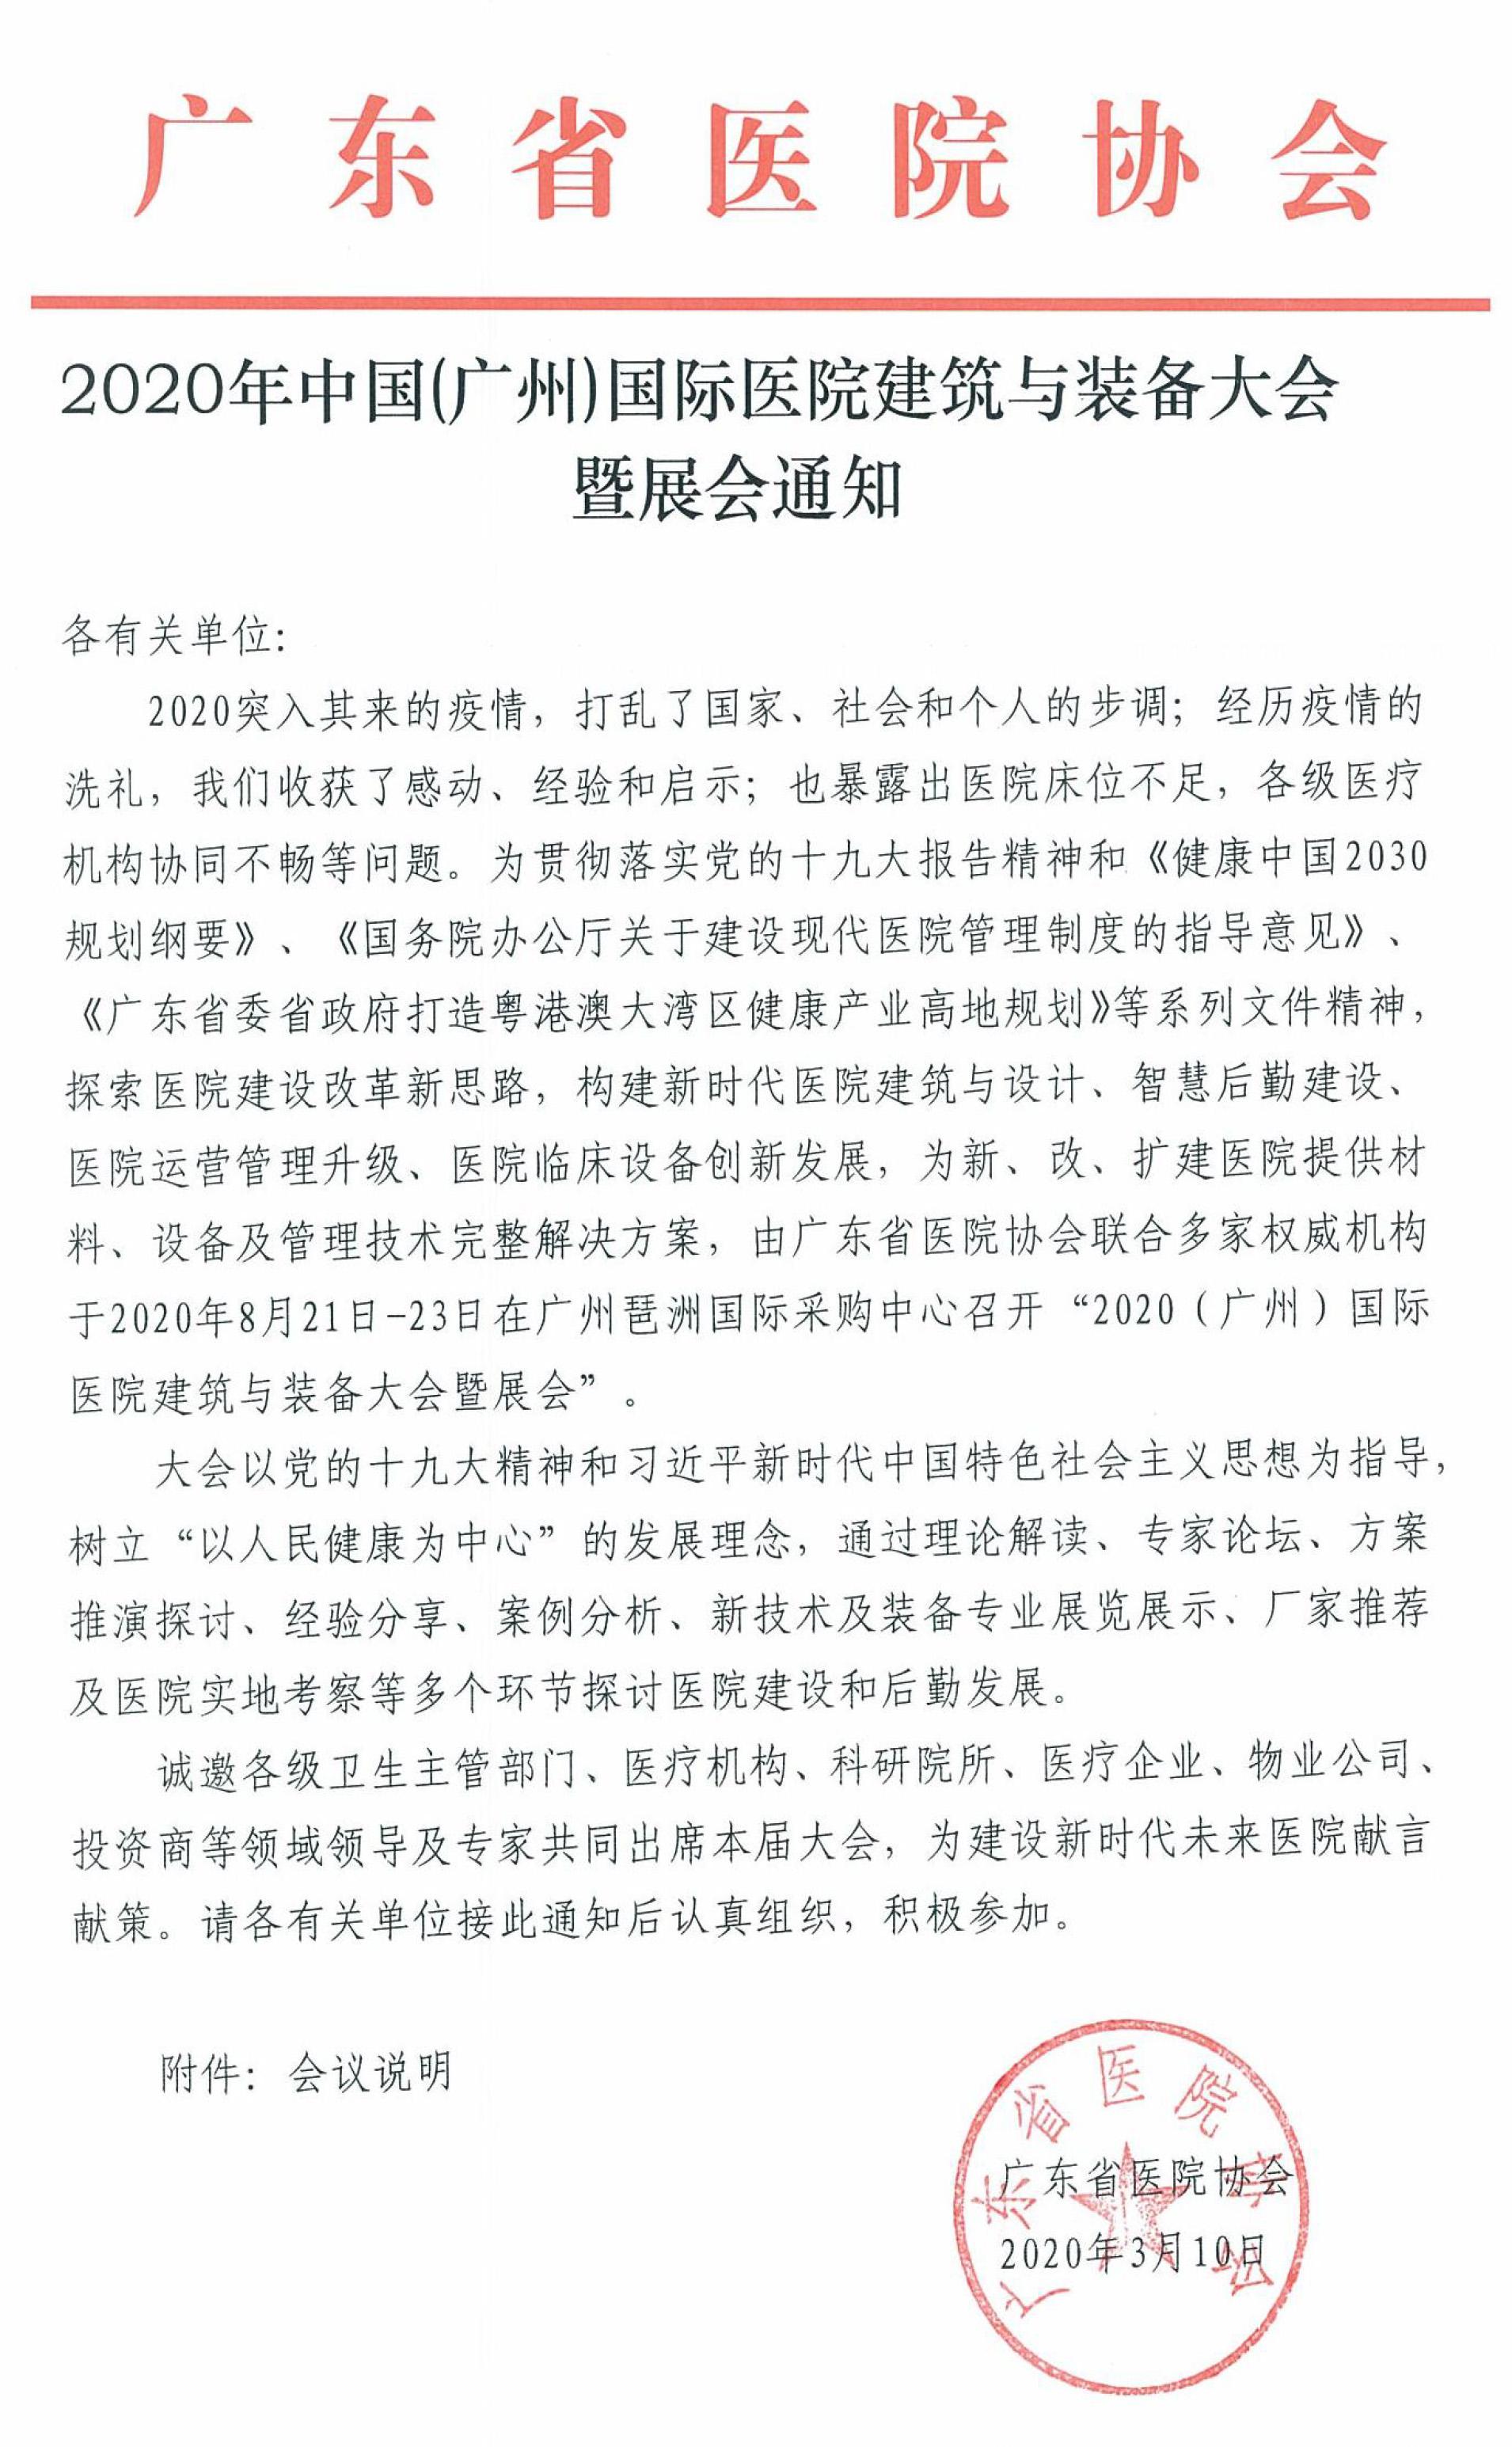 2020中国(广州)国际医院建筑与装备大会暨展会